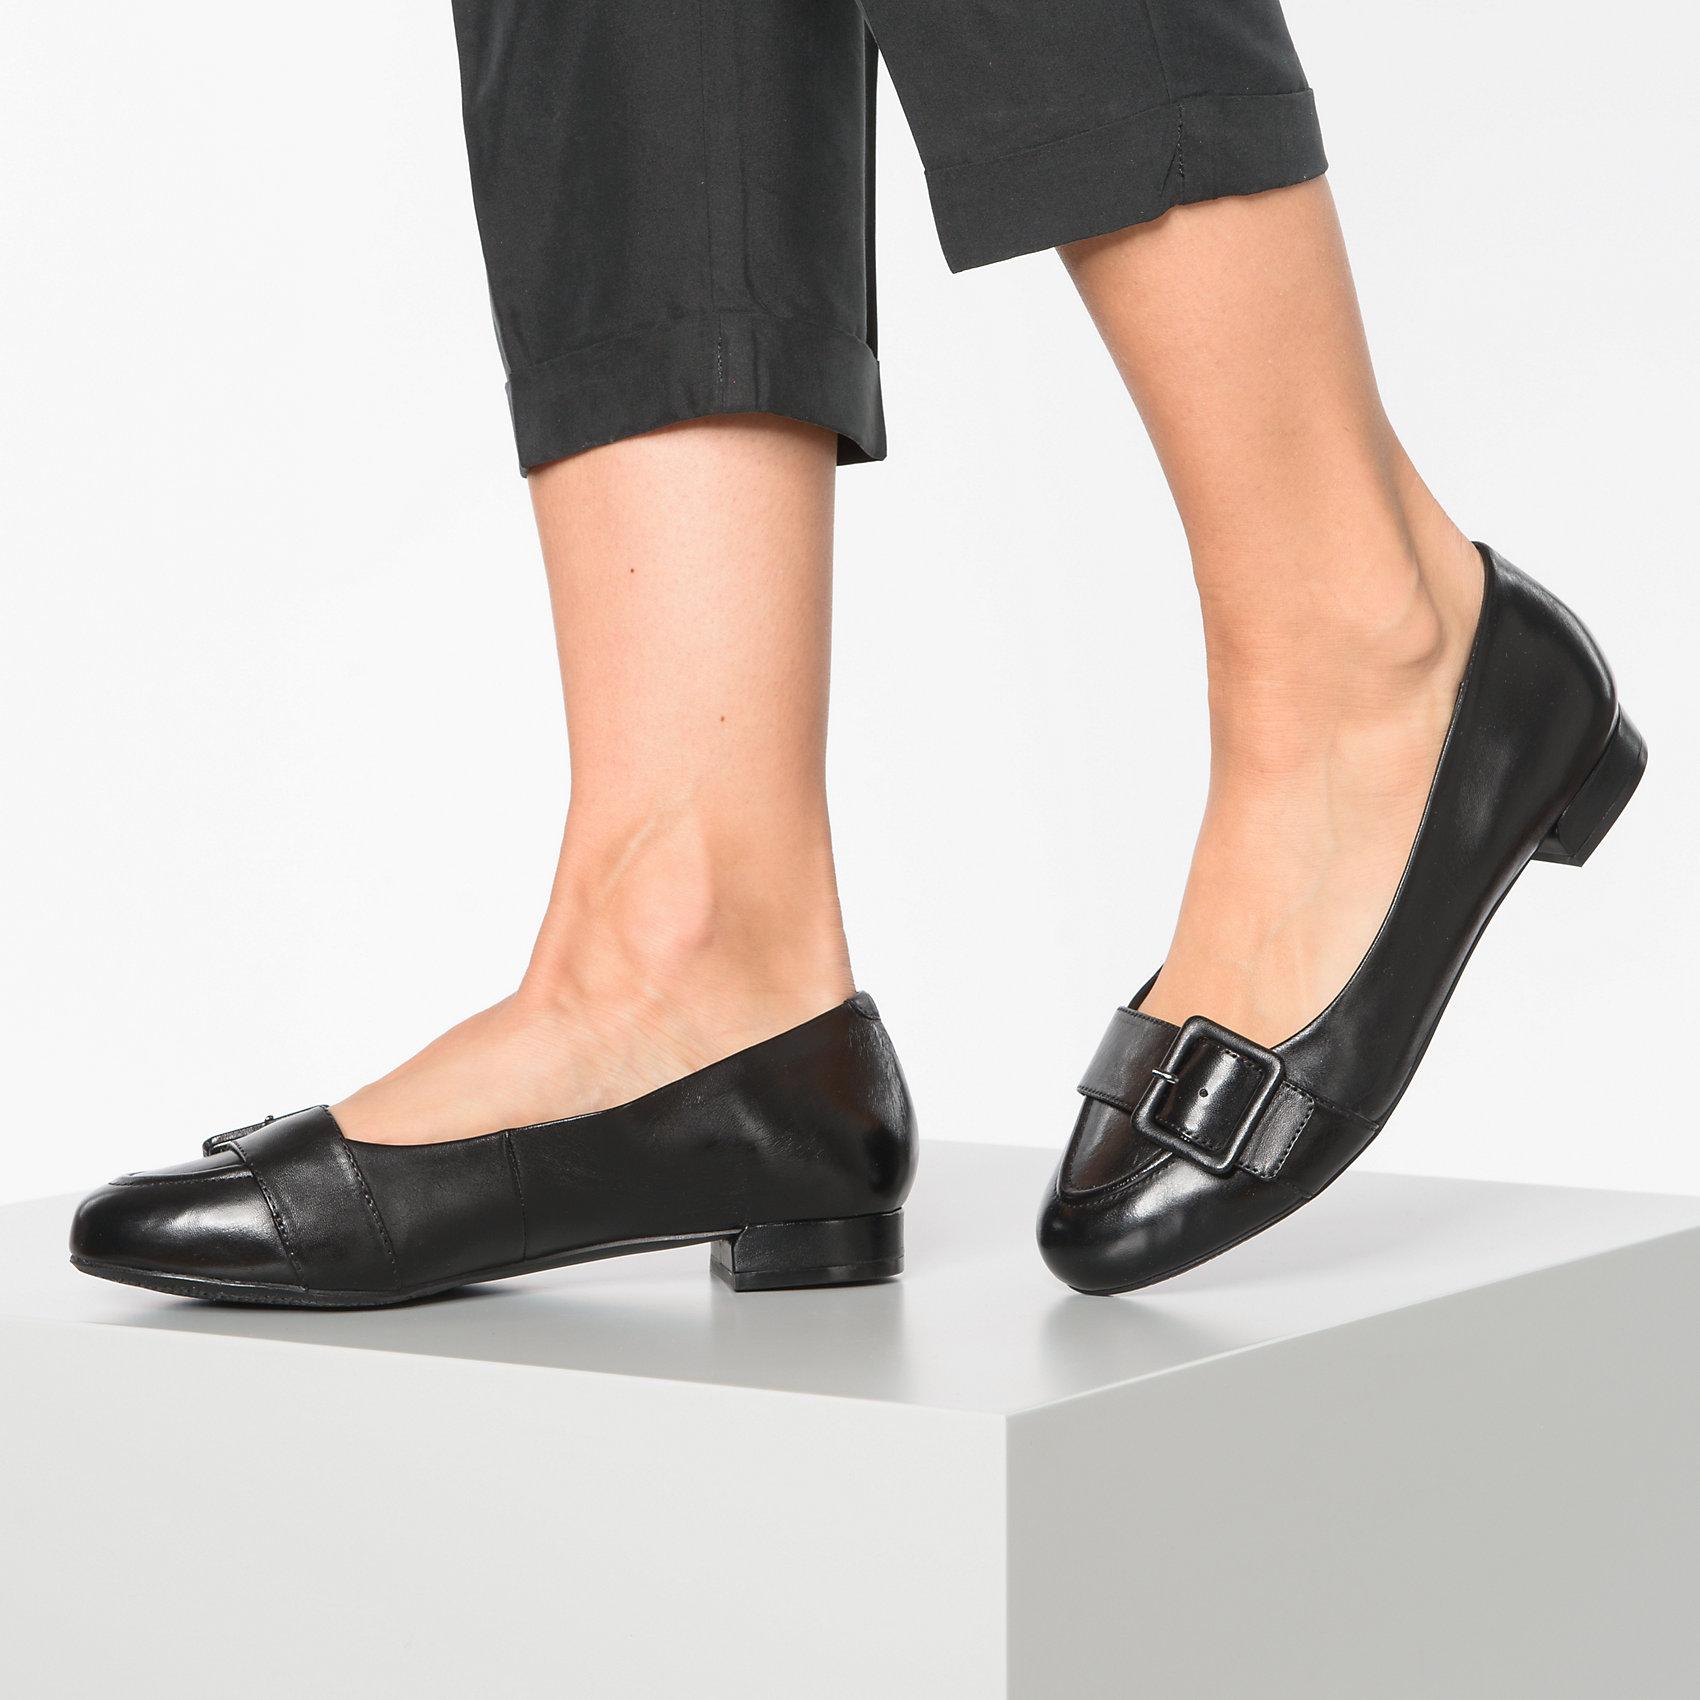 Neu Gerry Weber Vegi 05 Klassische Ballerinas 9562881 9562881 9562881 für Damen schwarz 01d008